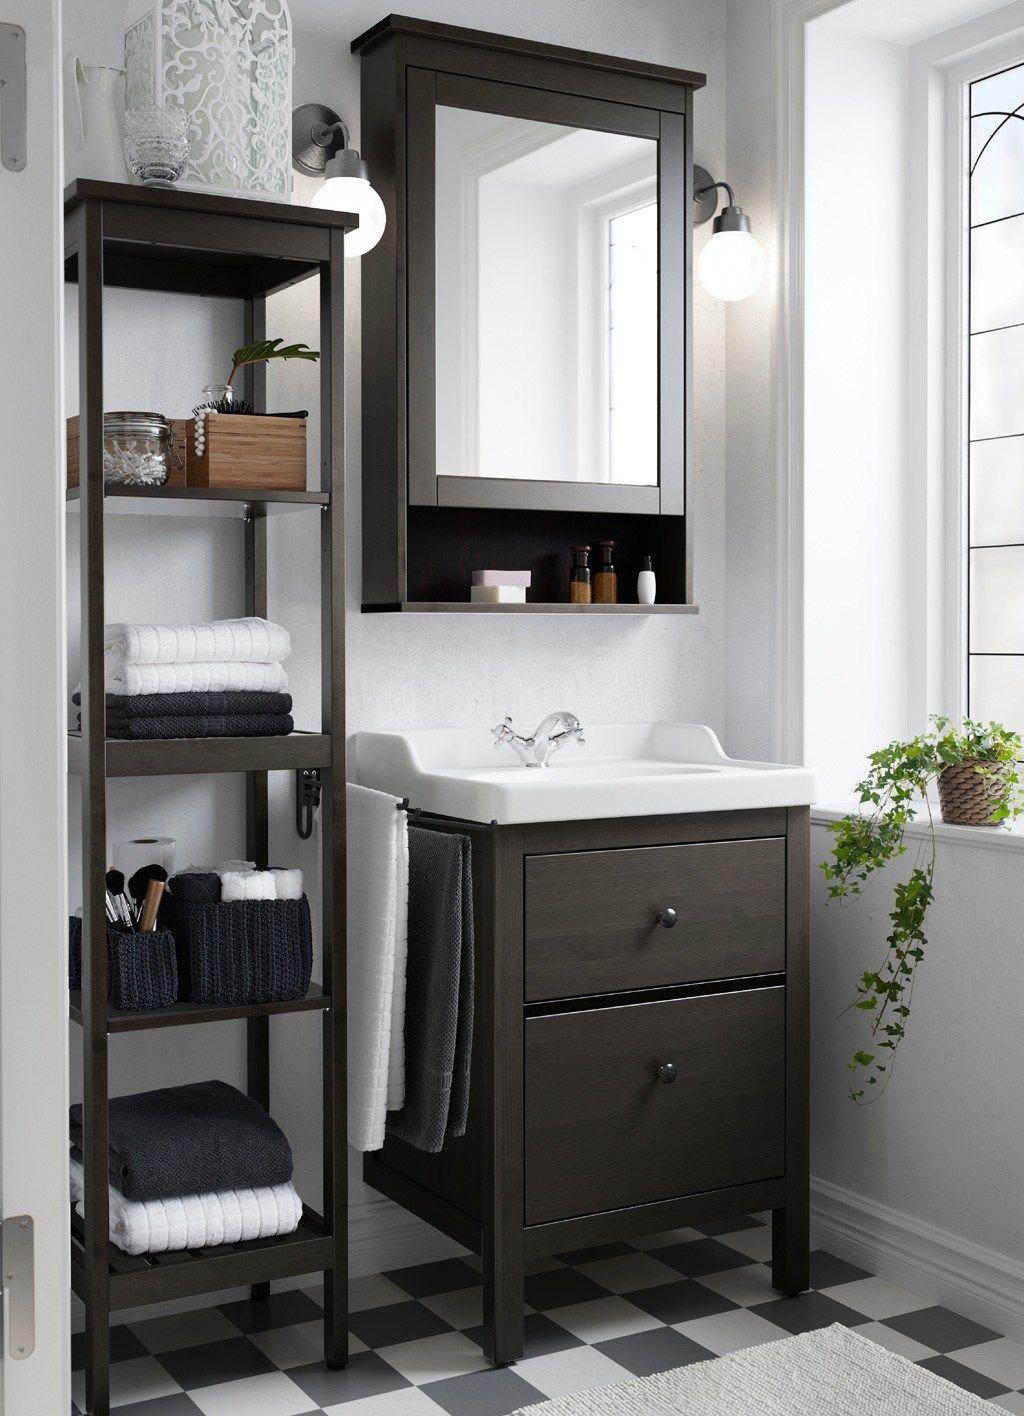 ikea small elegan bathroom cabinet ikea small elegan